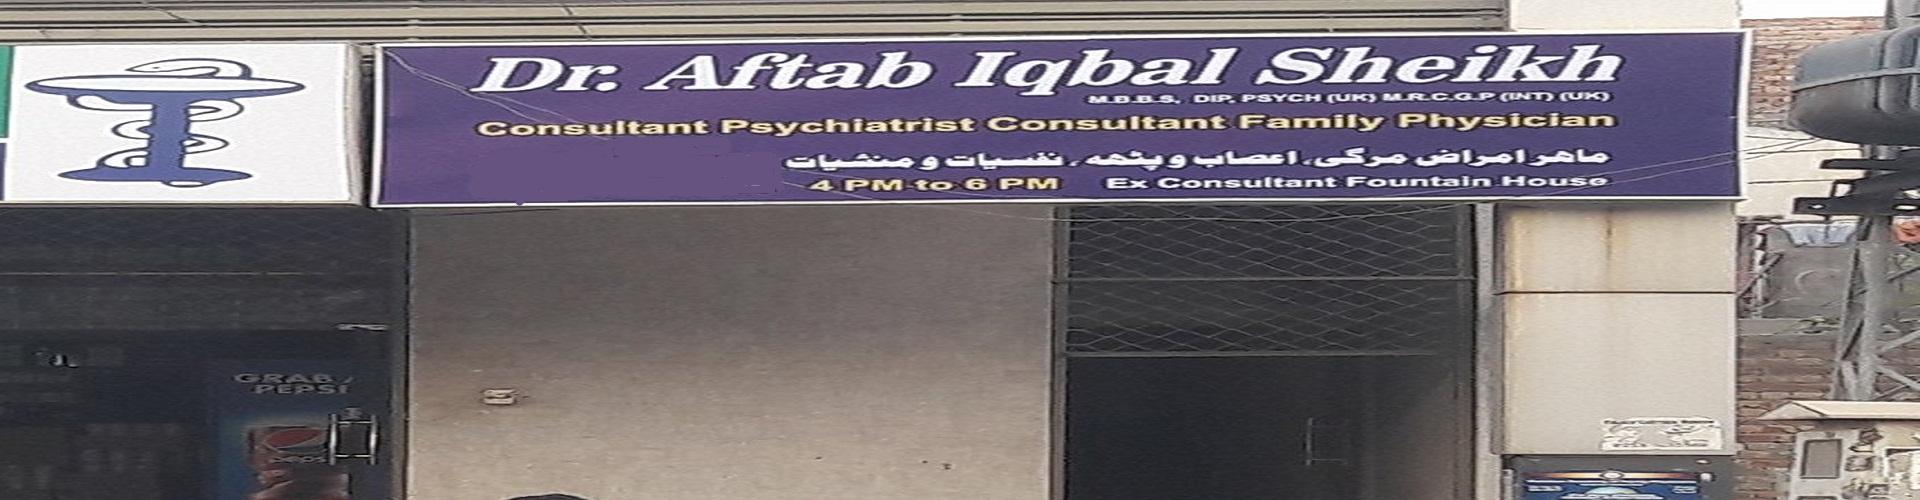 Dr. aftab iqbal sheikh clinic